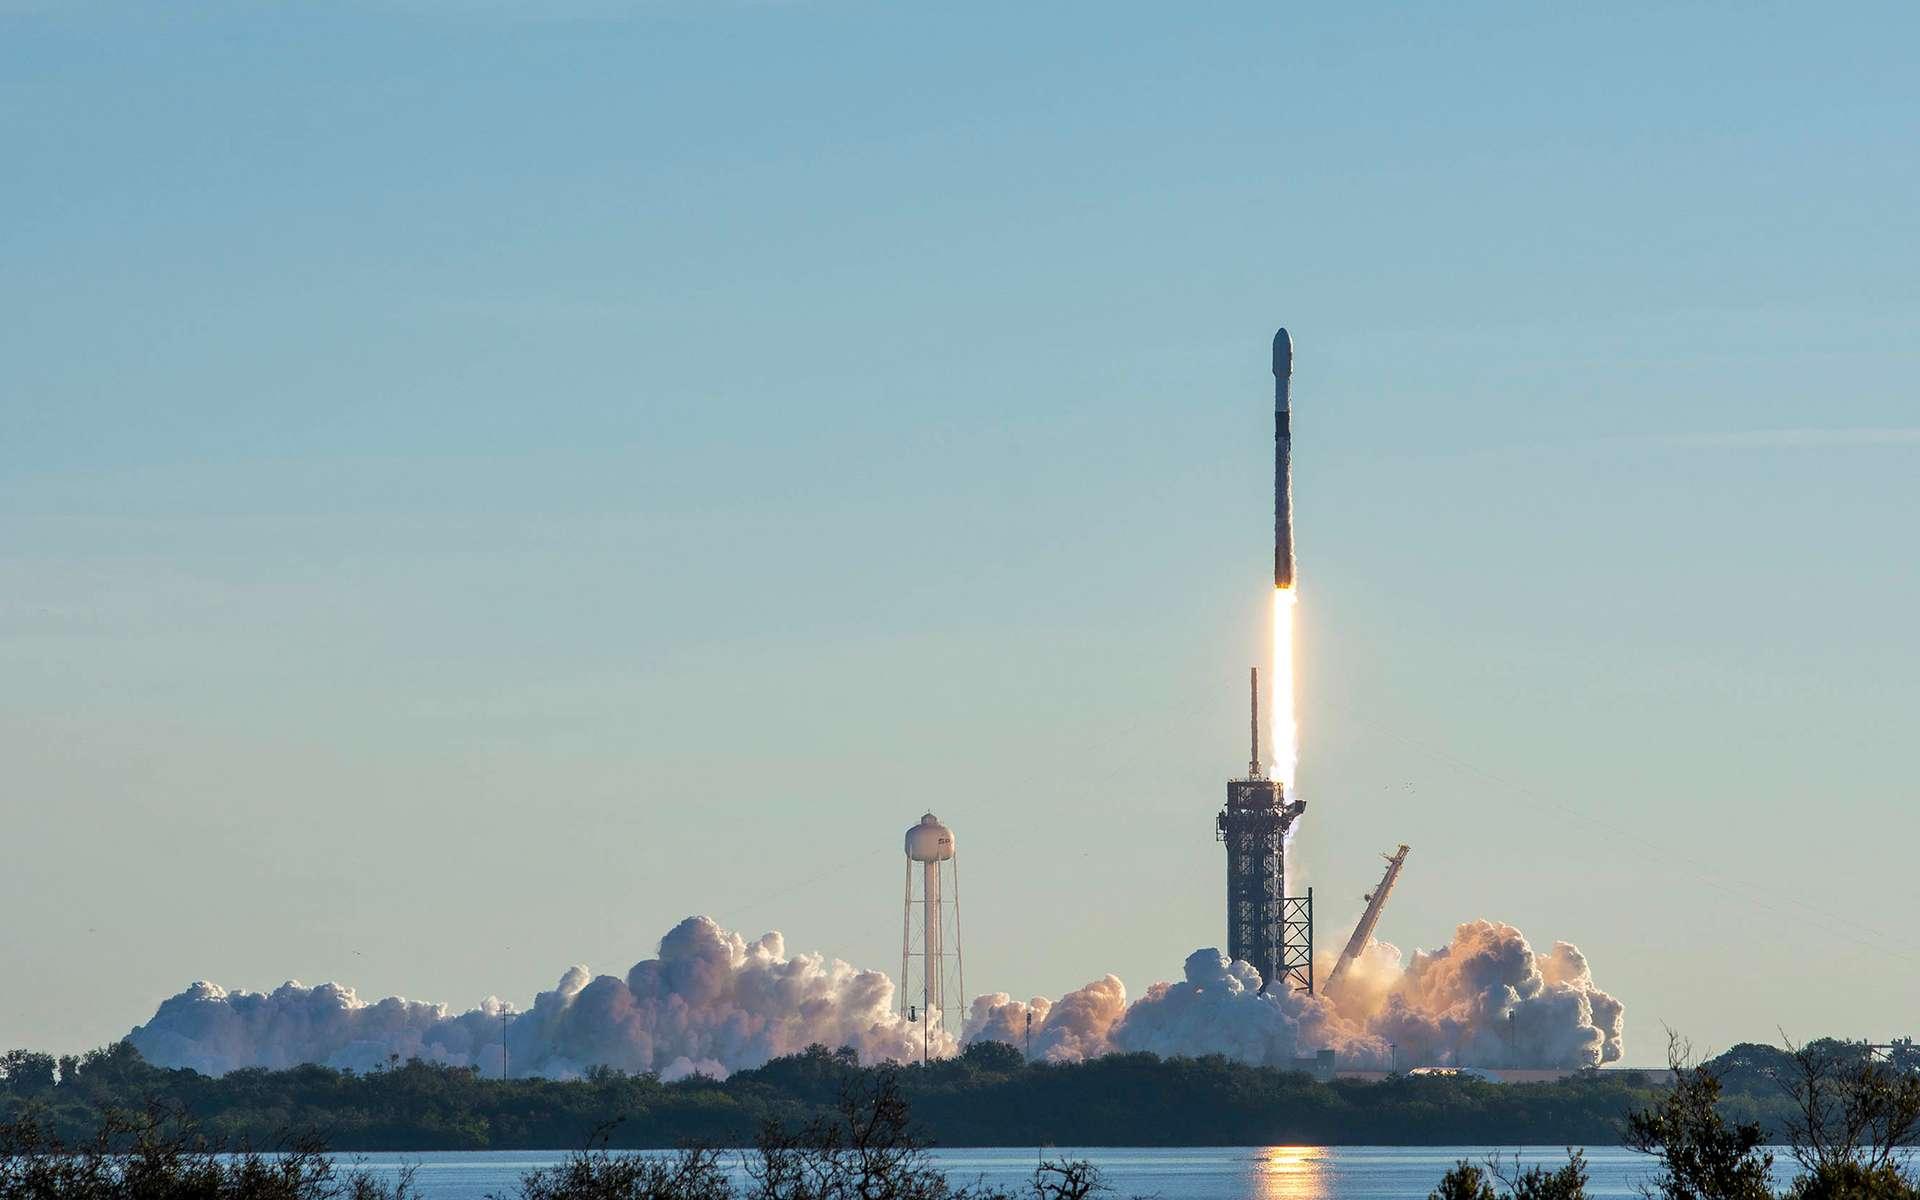 Un lanceur Falcon 9 de SpaceX au décollage depuis le Centre spatial Kennedy de la Nasa, en Floride. © SpaceX